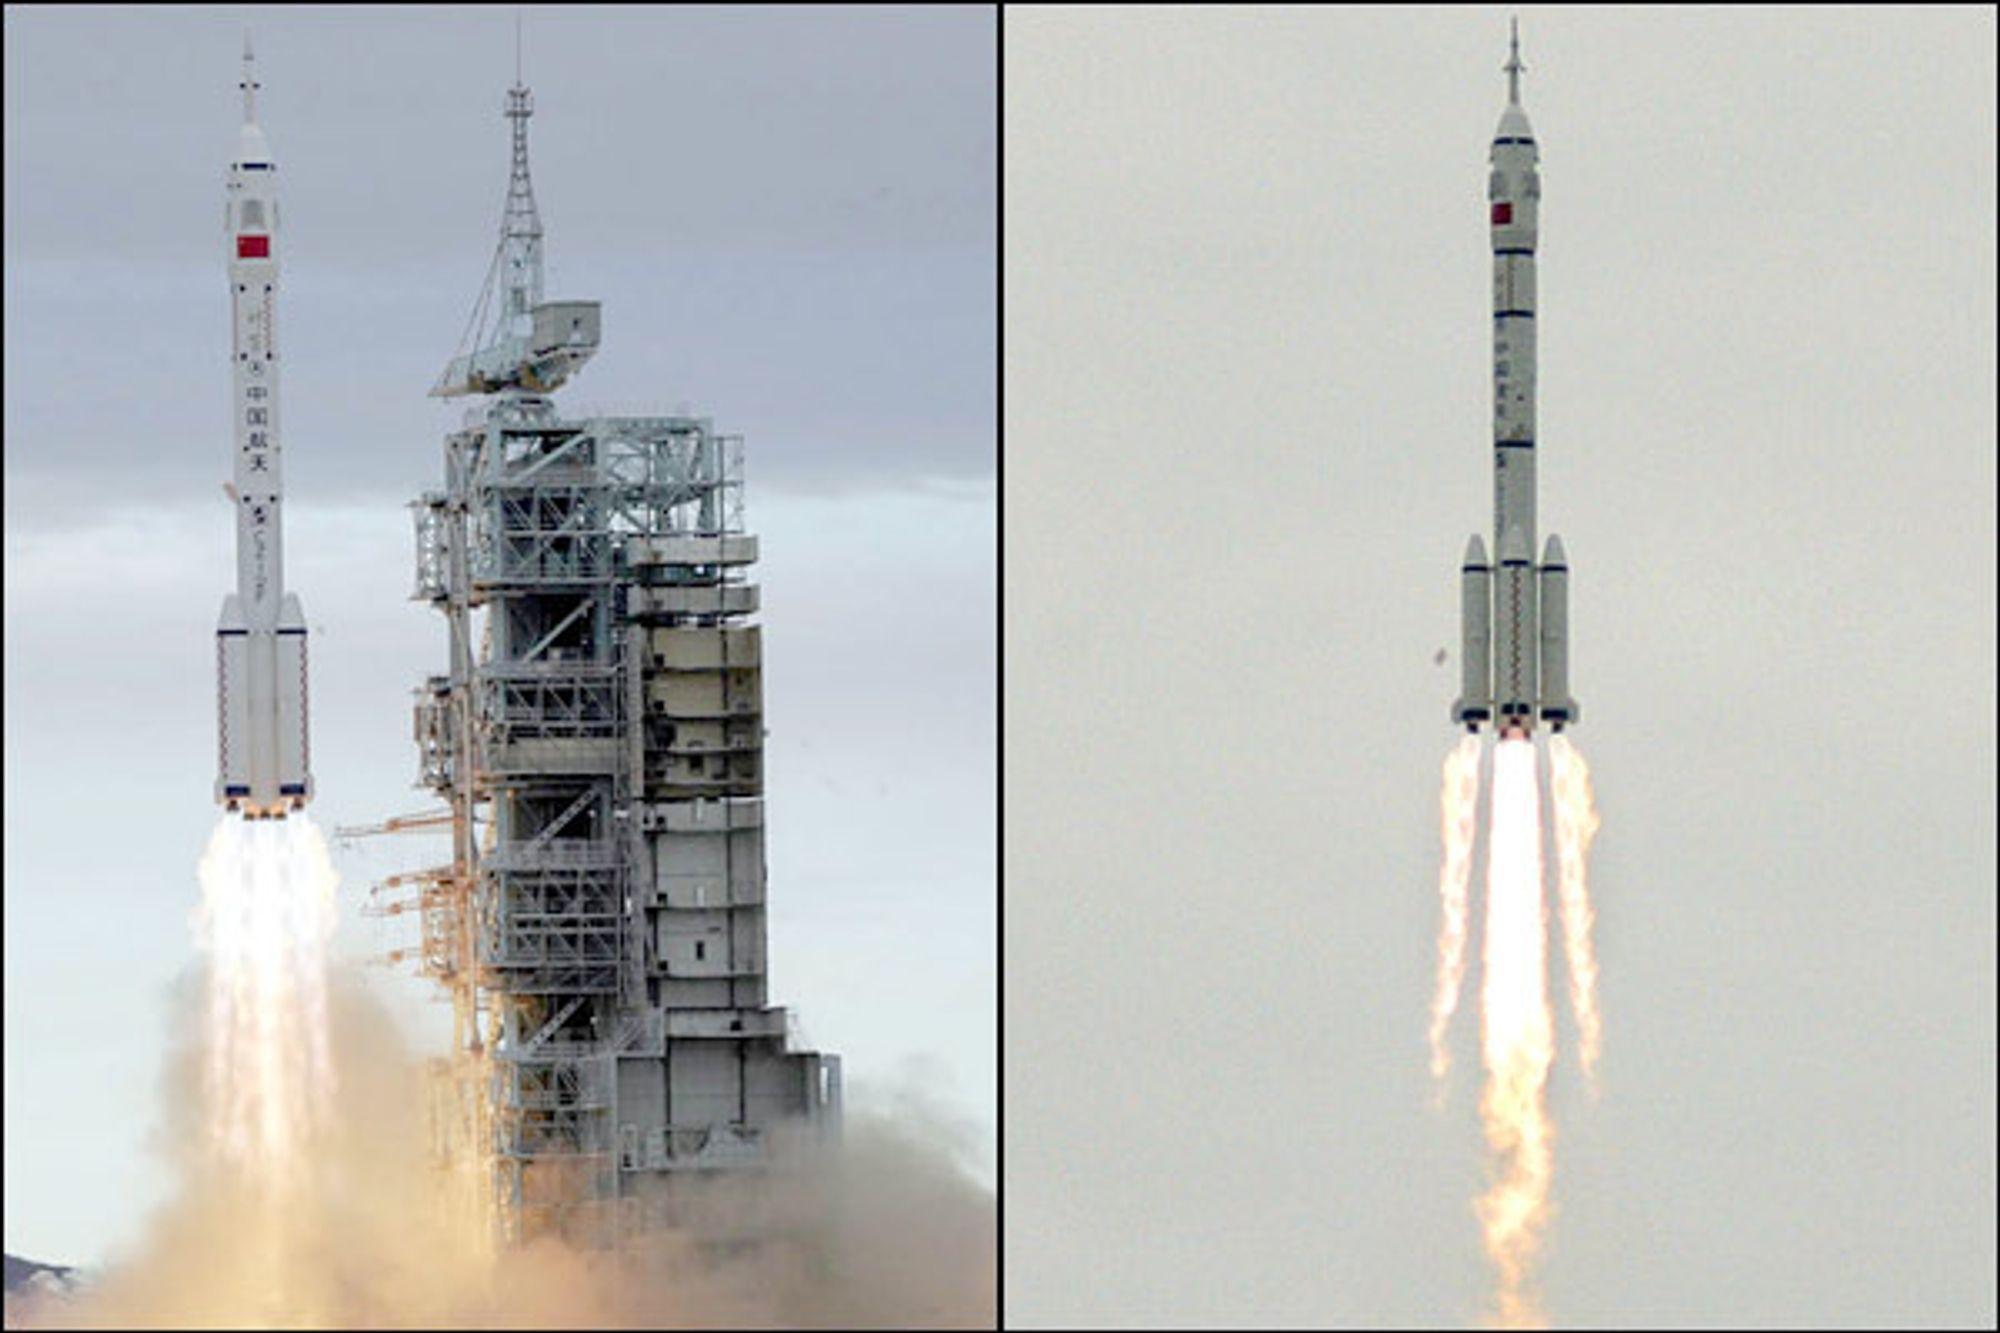 Romkapselen Shenzhou 6 på toppen av en Long March 2F rakett ble skutt opp fra basen i Gobi-ørkenen klokka 9 onsdag morgen, lokal tid. Dette er kinas andre bemannede romferd.